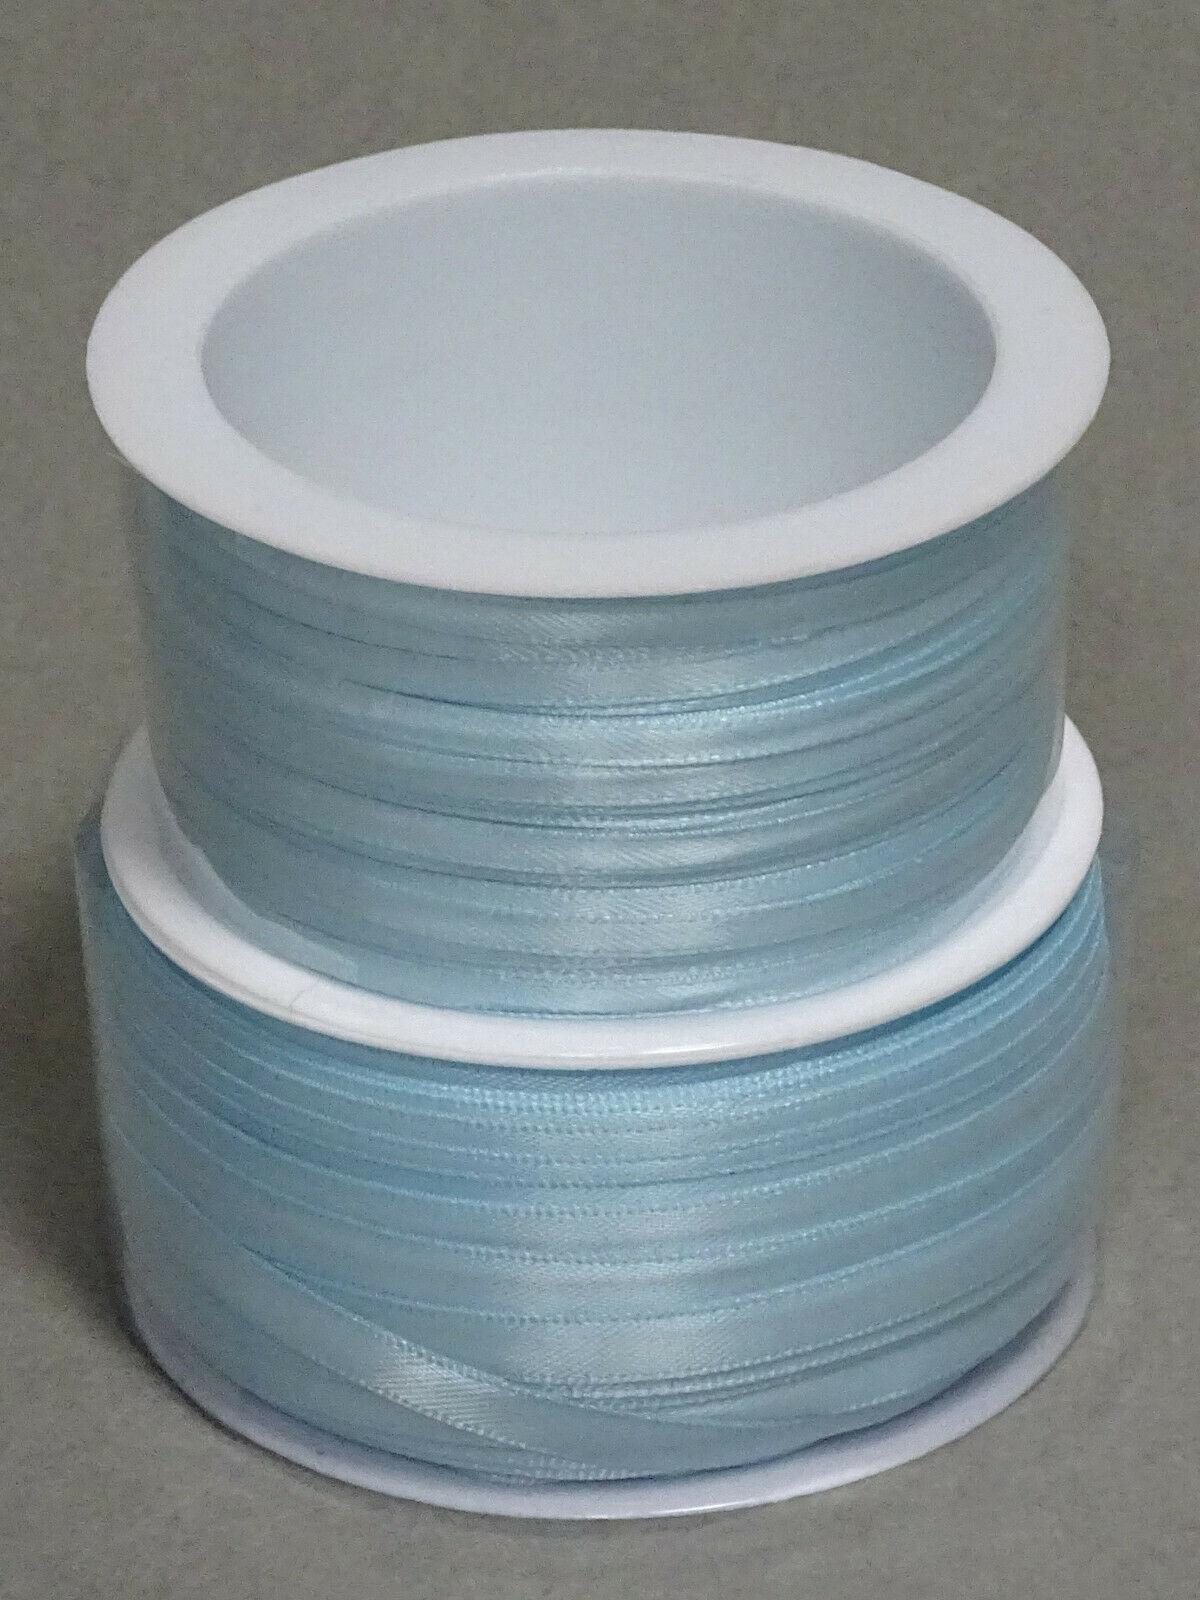 Satinband Schleifenband 50m x 3mm / 6mm Dekoband ab 0,05 €/m Geschenkband Rolle - Baby-Hellblau 152, 6 mm x 50 m